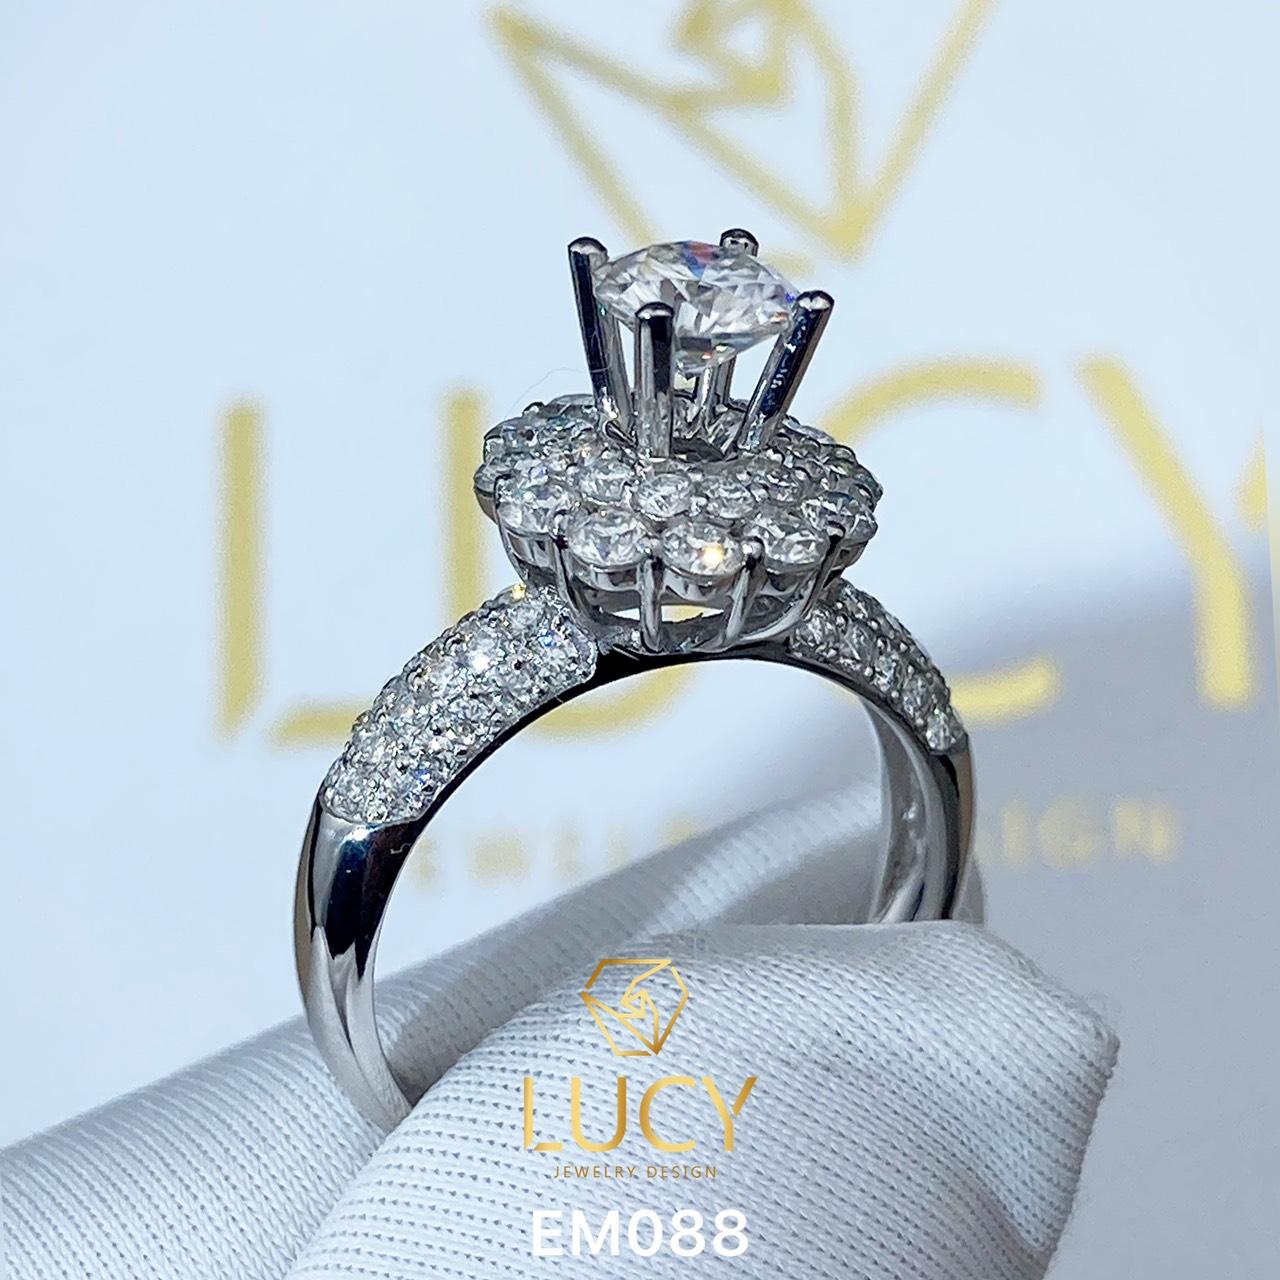 EM088 Nhẫn cầu hôn, nhẫn đính hôn, nhẫn kim cương 5.4mm 5.5mm, nhẫn nữ thiết kế đẹp - Lucy Jewelry